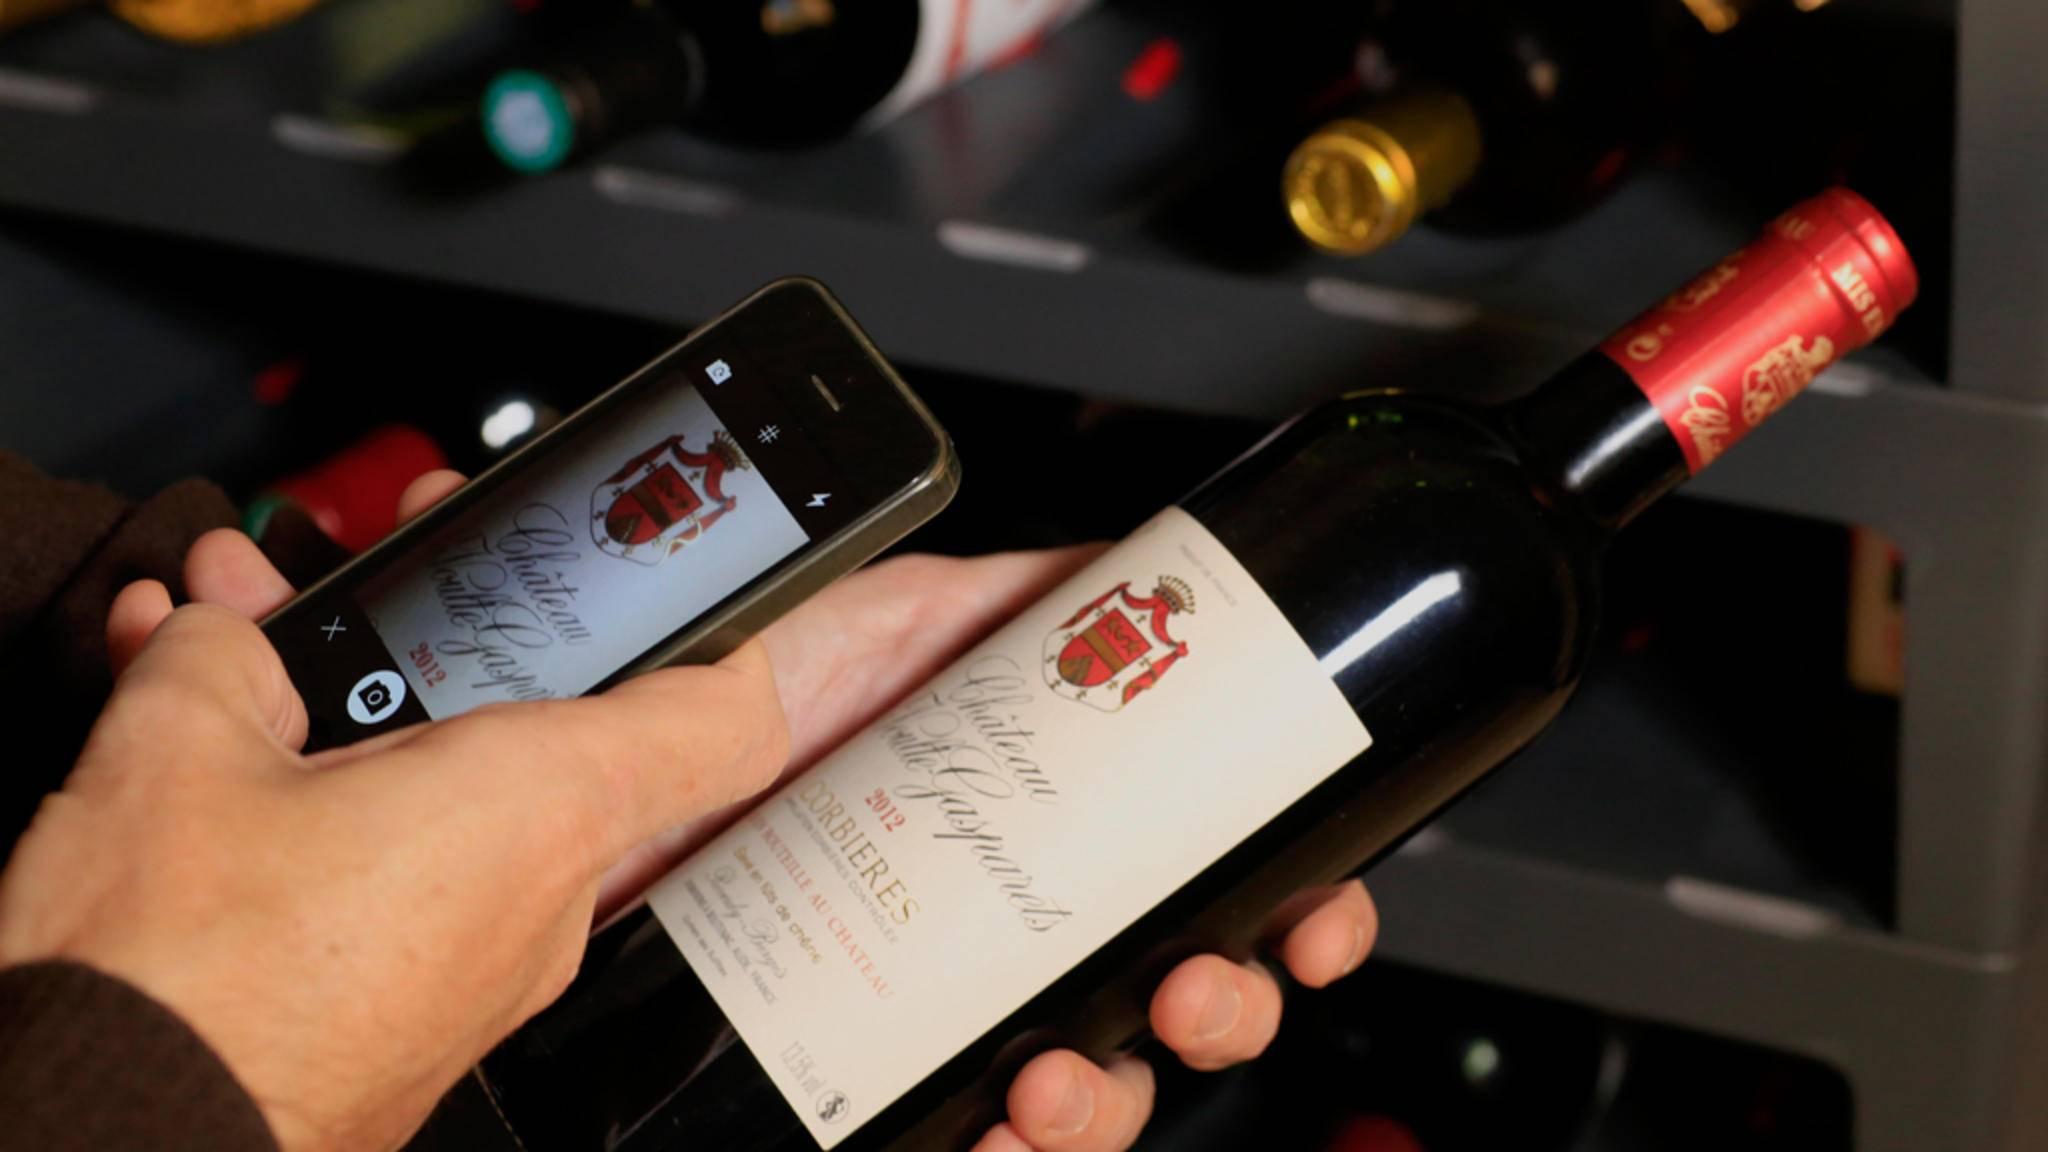 Ein Schnappschuss und die App fügt den gekauften Wein automatisch dem bestehenden Inventar hinzu.